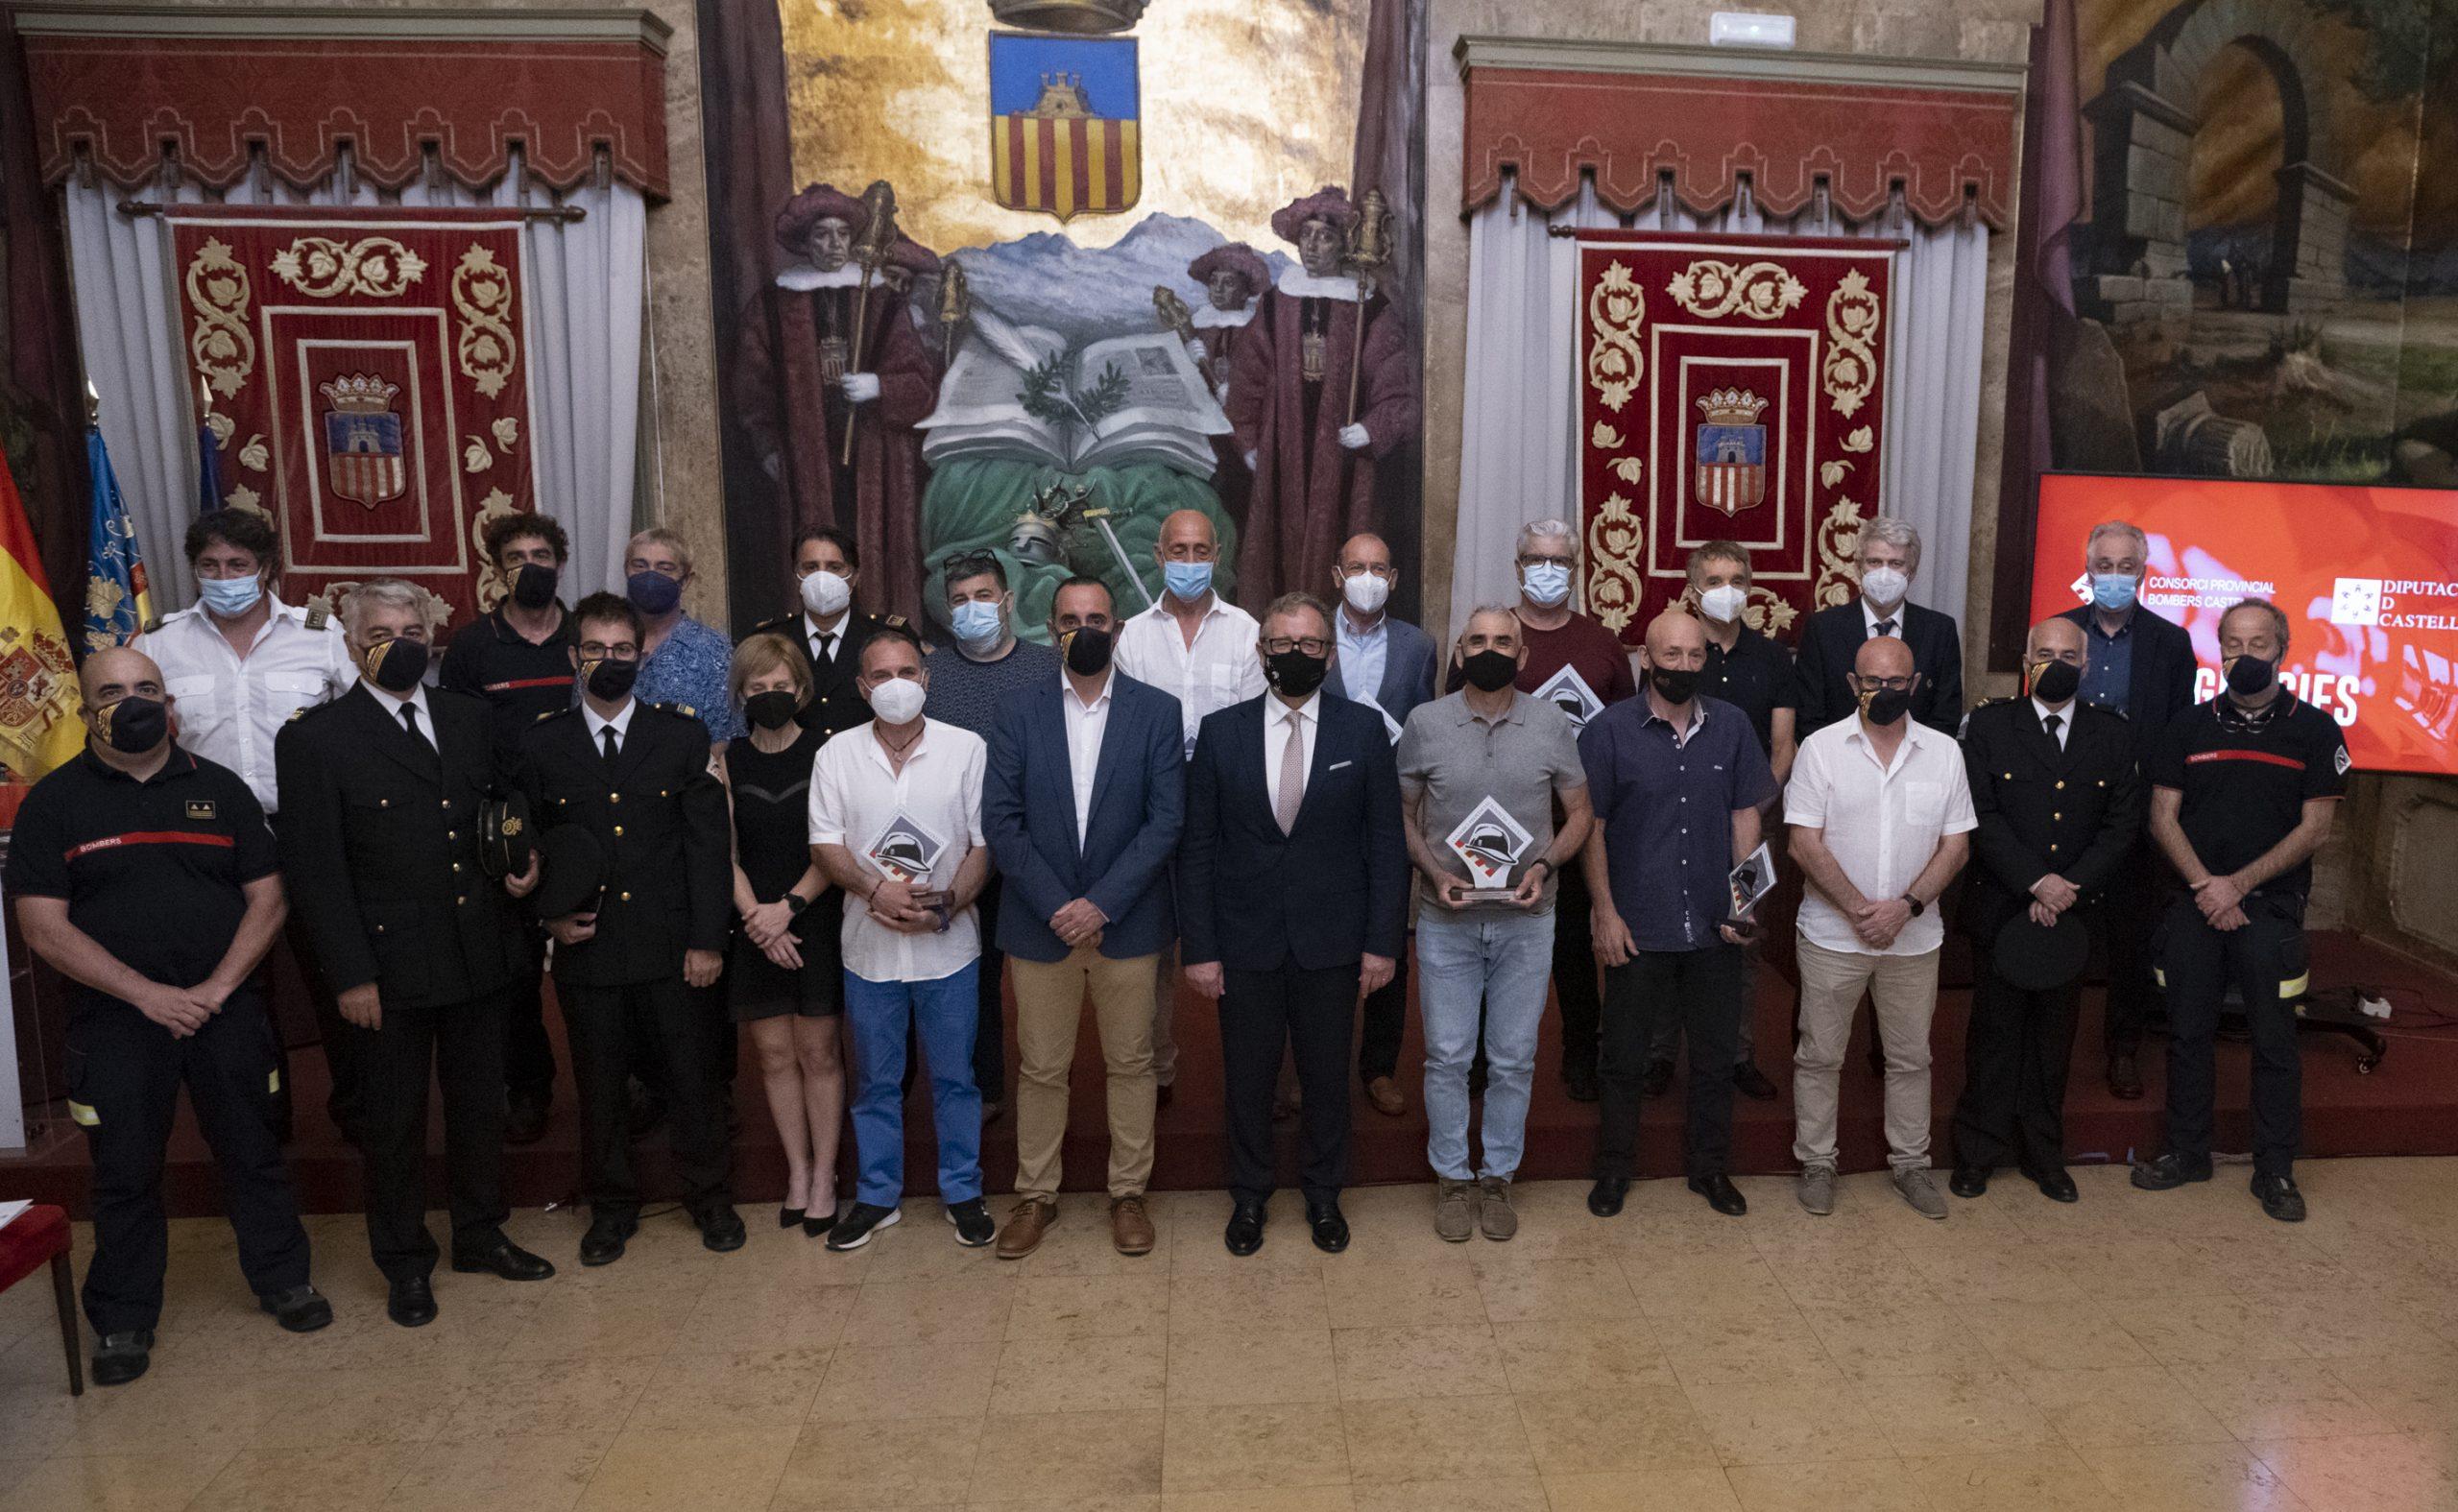 La Diputación de Castellón rinde homenaje por su jubilación a doce bomberos del Consorcio Provincial